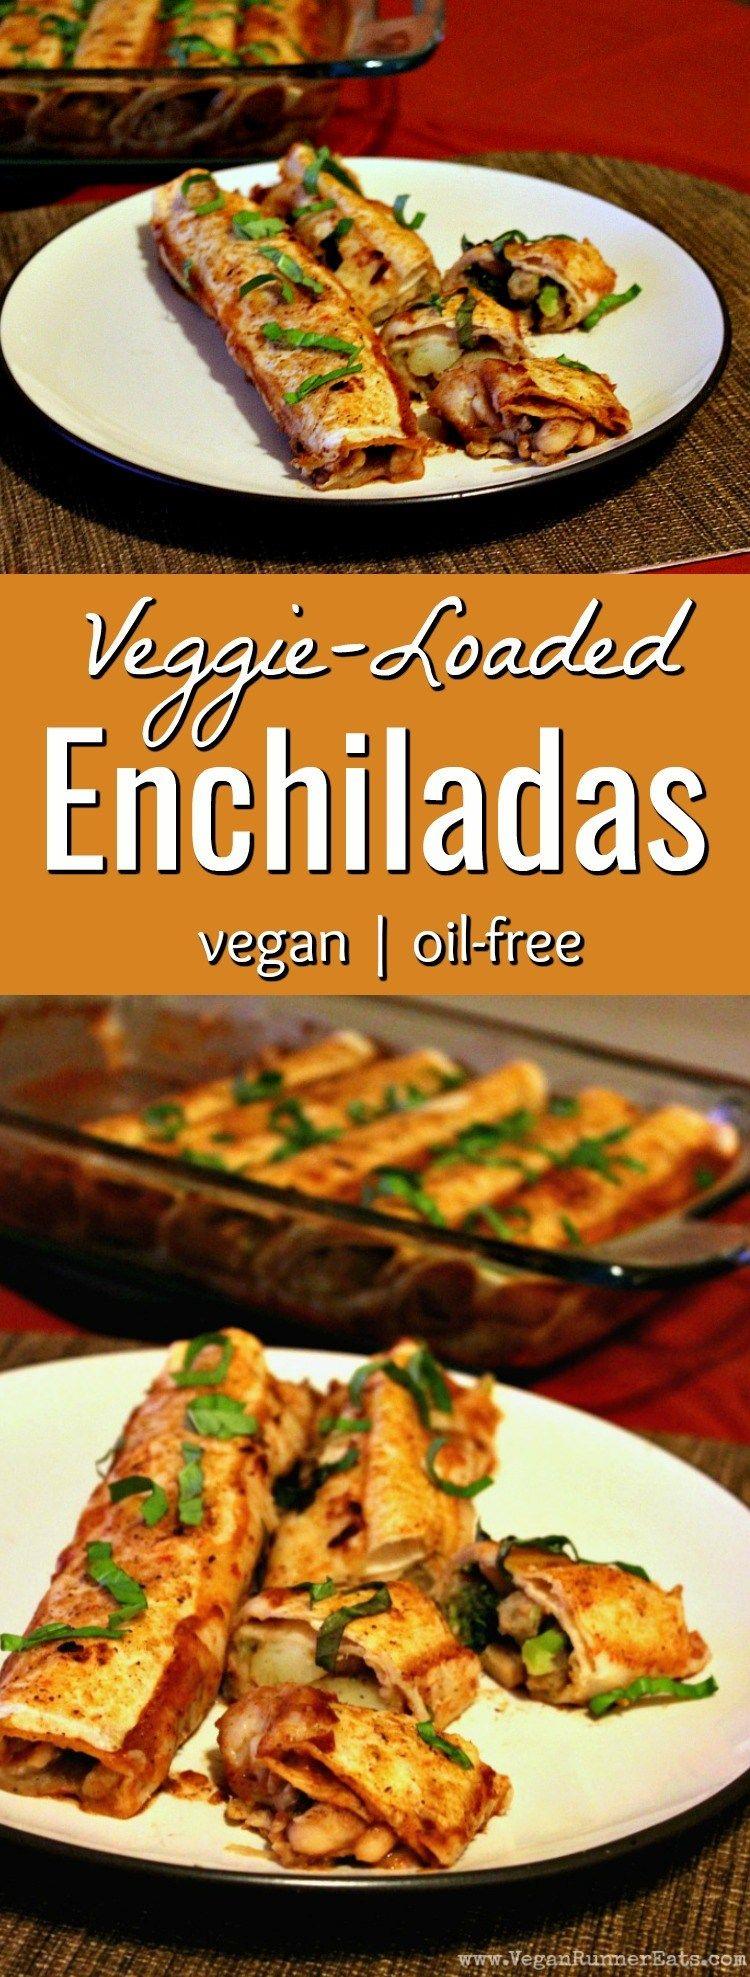 Photo of Easy Vegan Enchiladas Recipe | Vegan Runner Eats